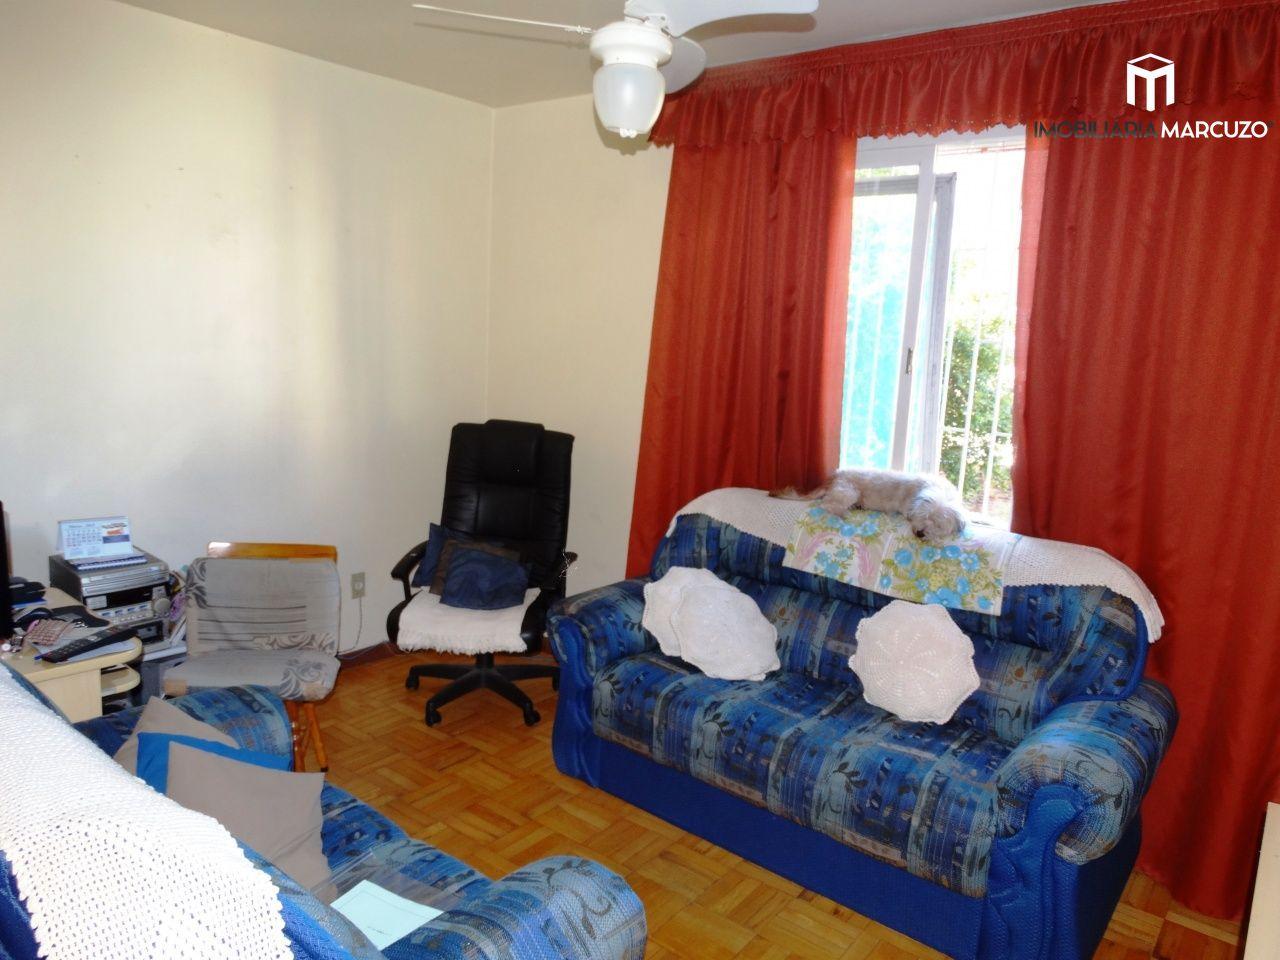 Apartamento com 2 Dormitórios à venda, 75 m² por R$ 205.000,00